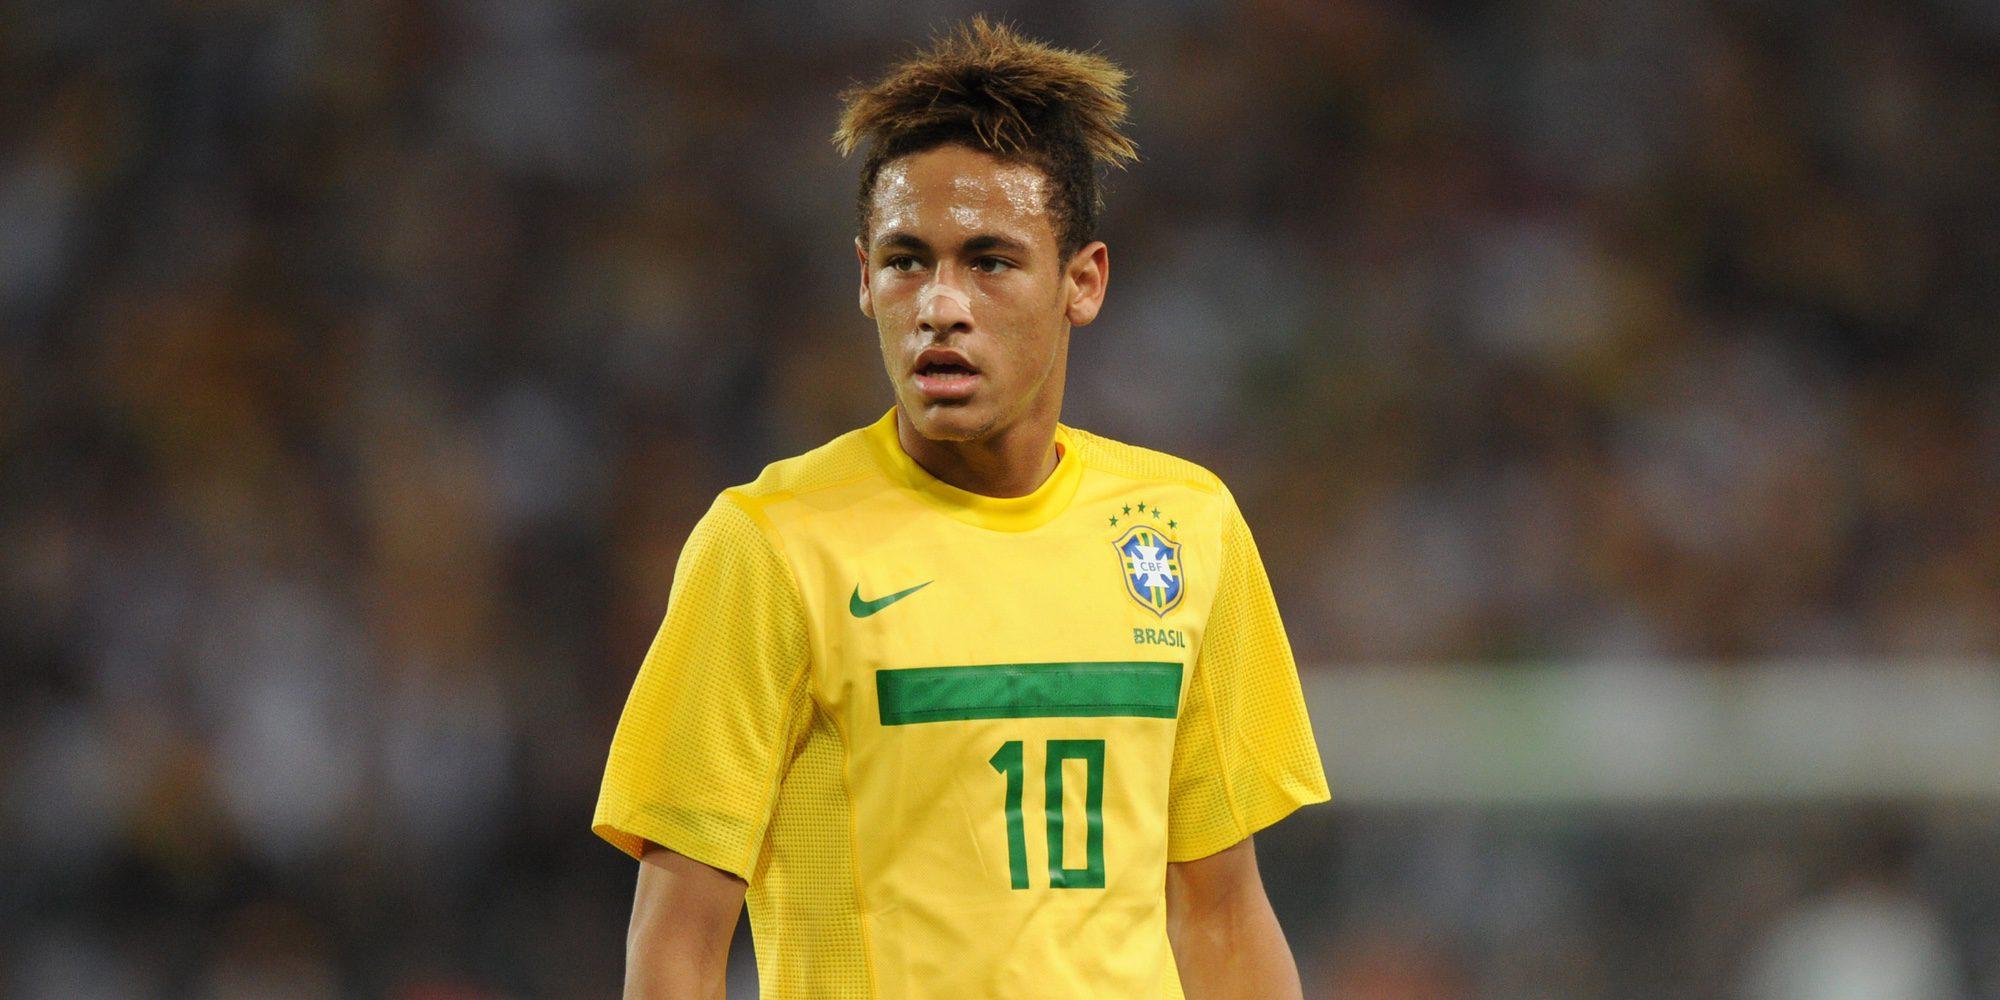 Las 25 cosas que tienes que saber del futbolista del Barça Neymar